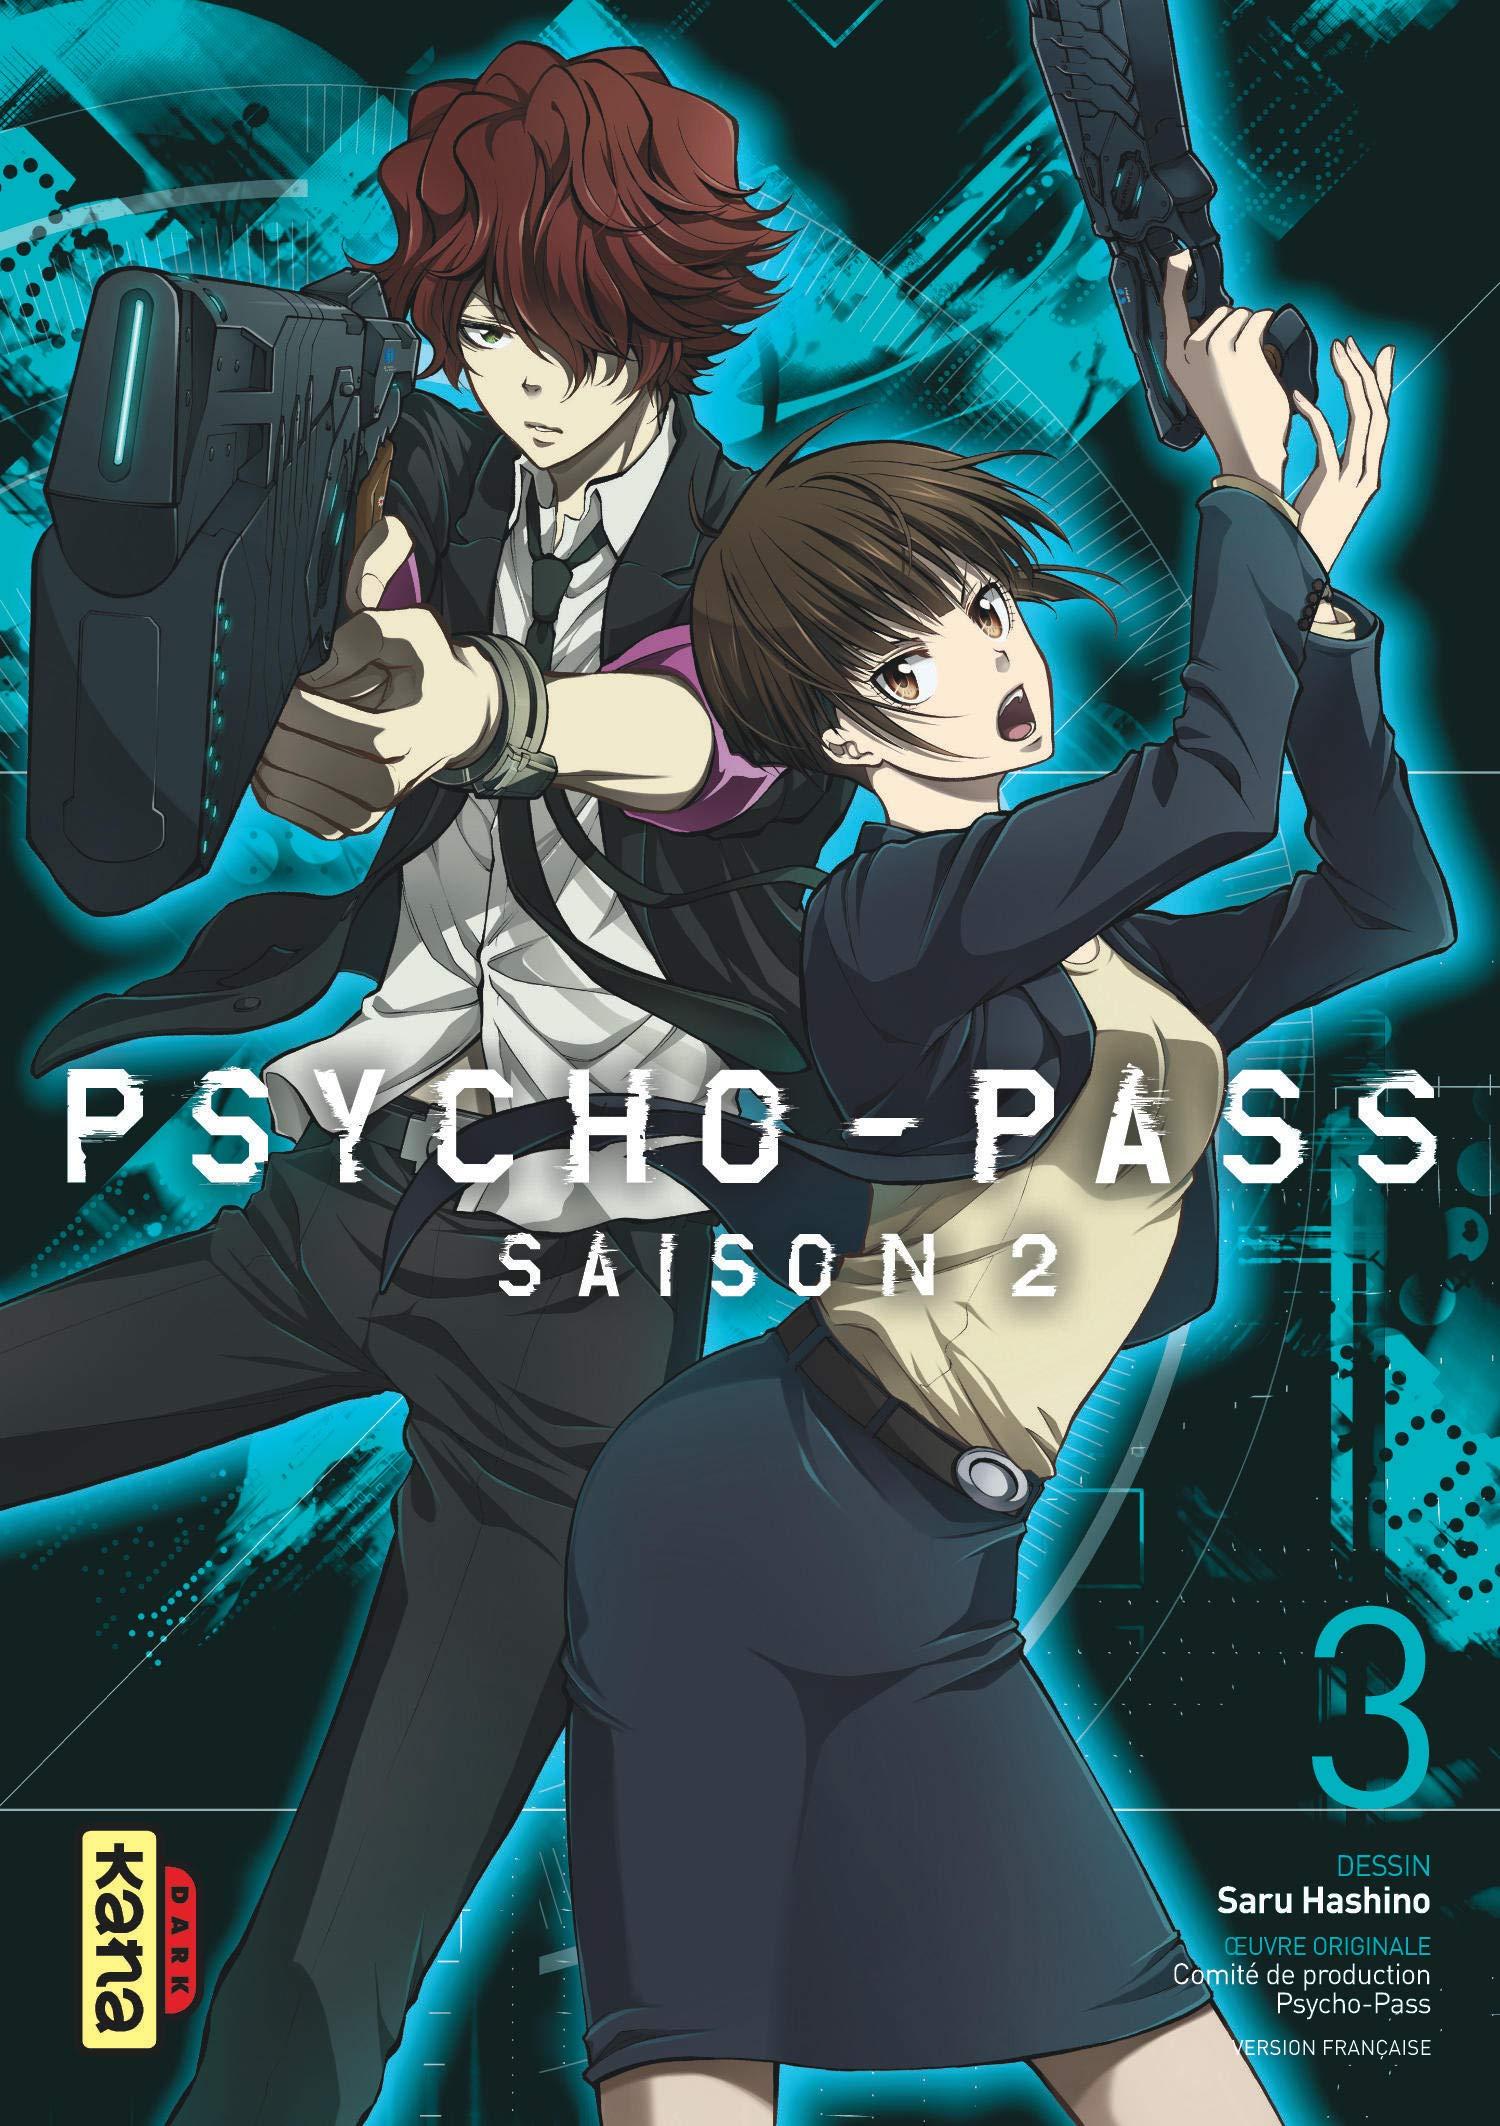 Une date de sortie pour la saison 3 de Psycho-Pass